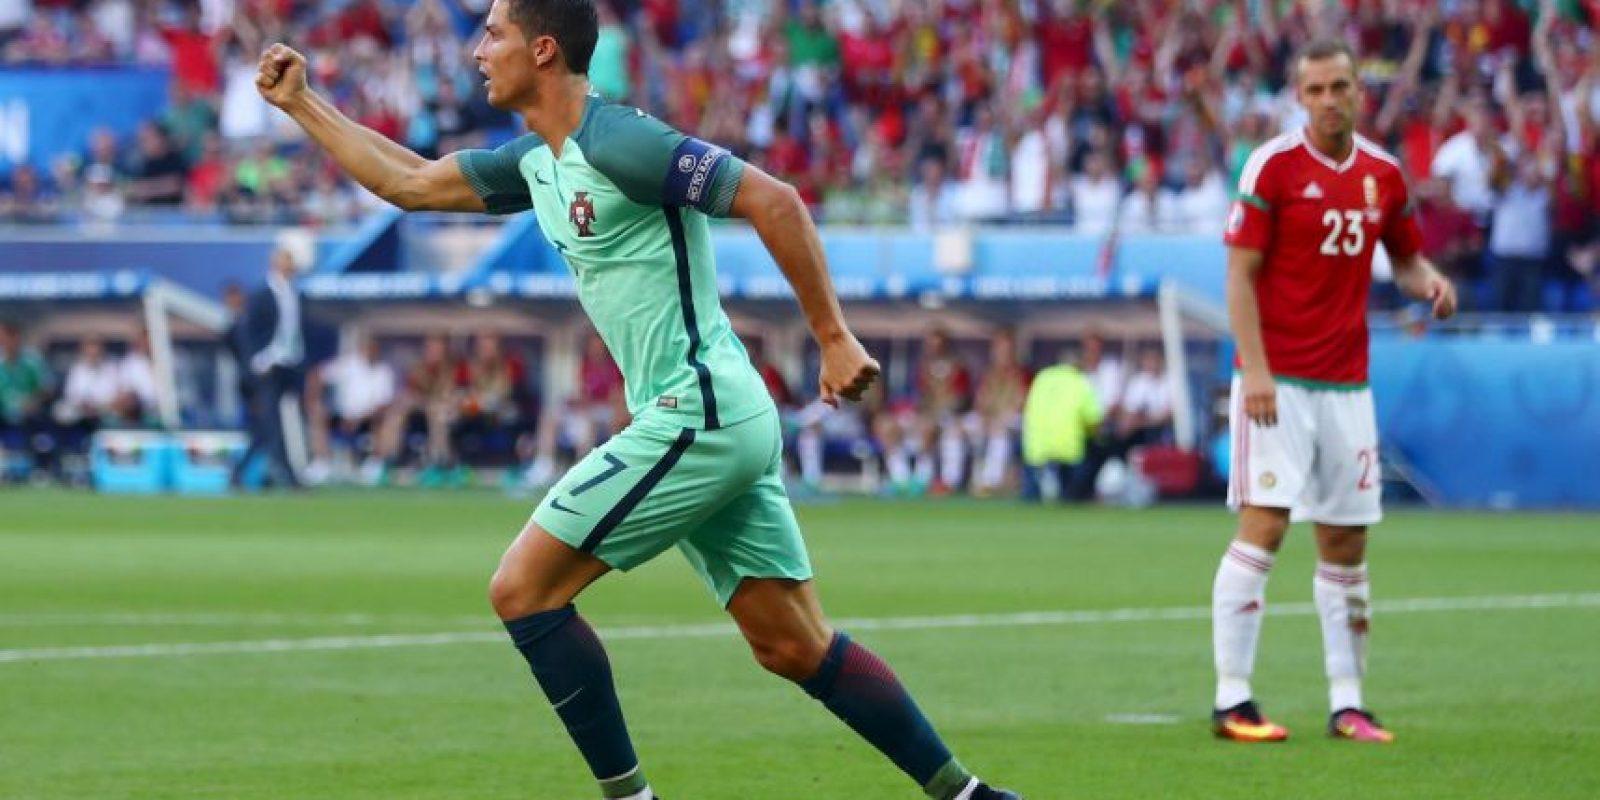 Los lusos empataron con Hungria en la última fecha y aseguraron su cupo tras quedar como uno de los cuatro mejores terceros Foto:Getty Images